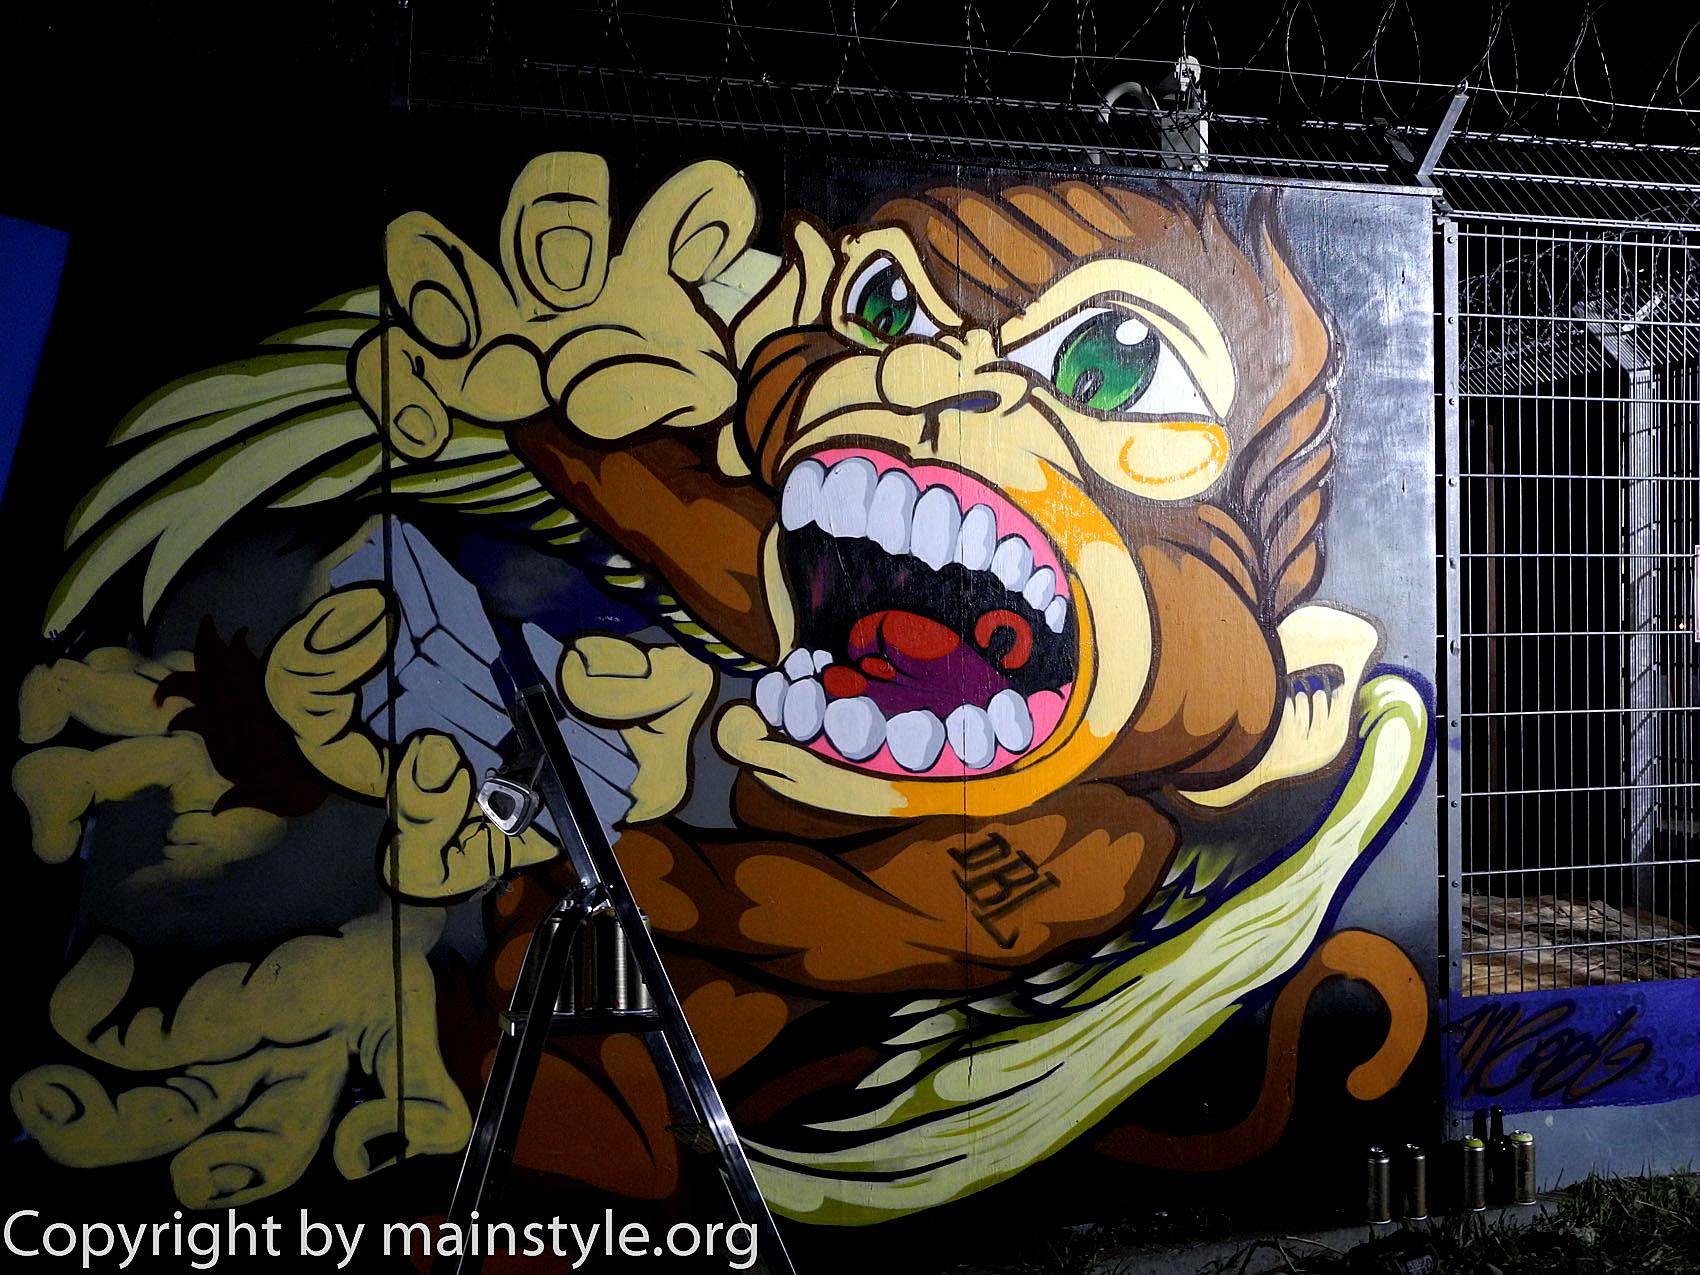 Frankfurt_Nacht_der_Museen_Graffiti_EZB_2013_-201